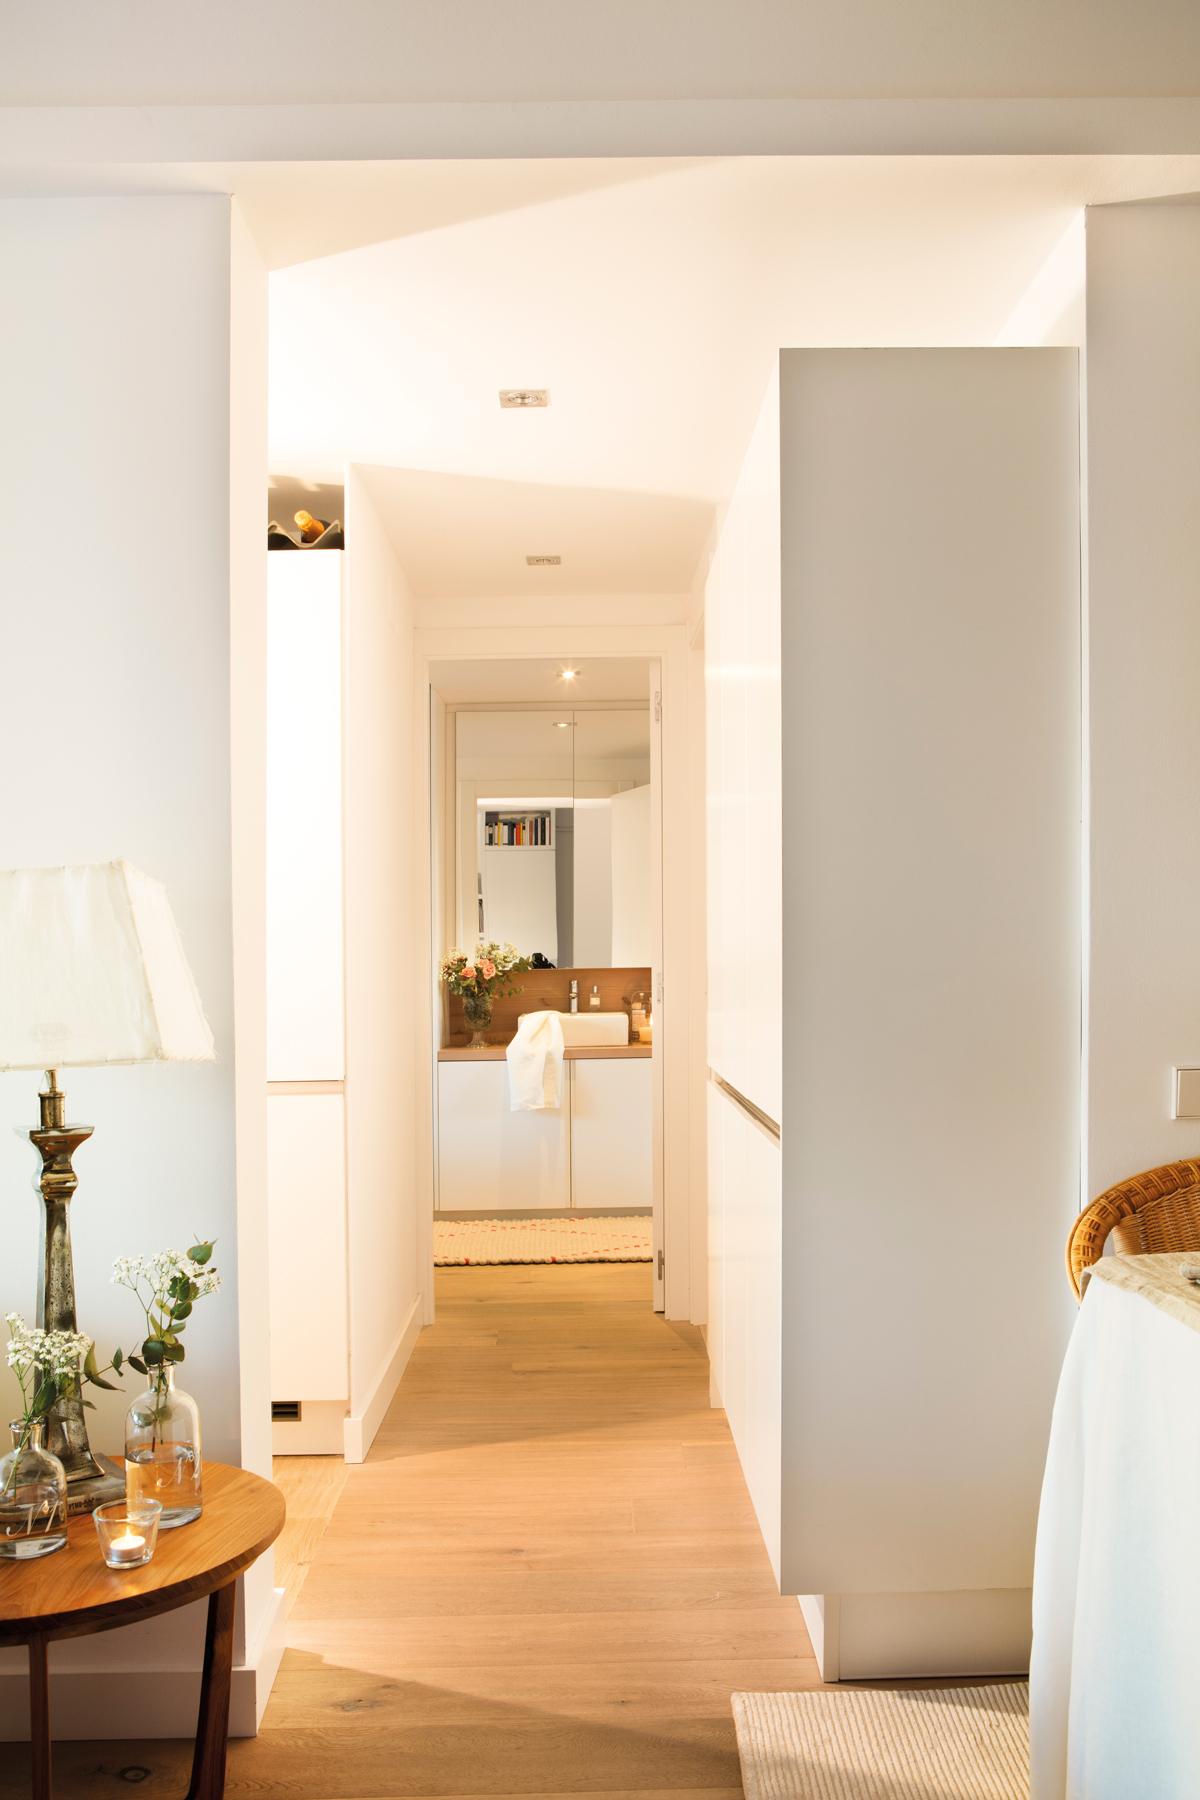 Armarios roperos armarios de cocina y armarios de ba o - Cocinas abiertas al pasillo ...